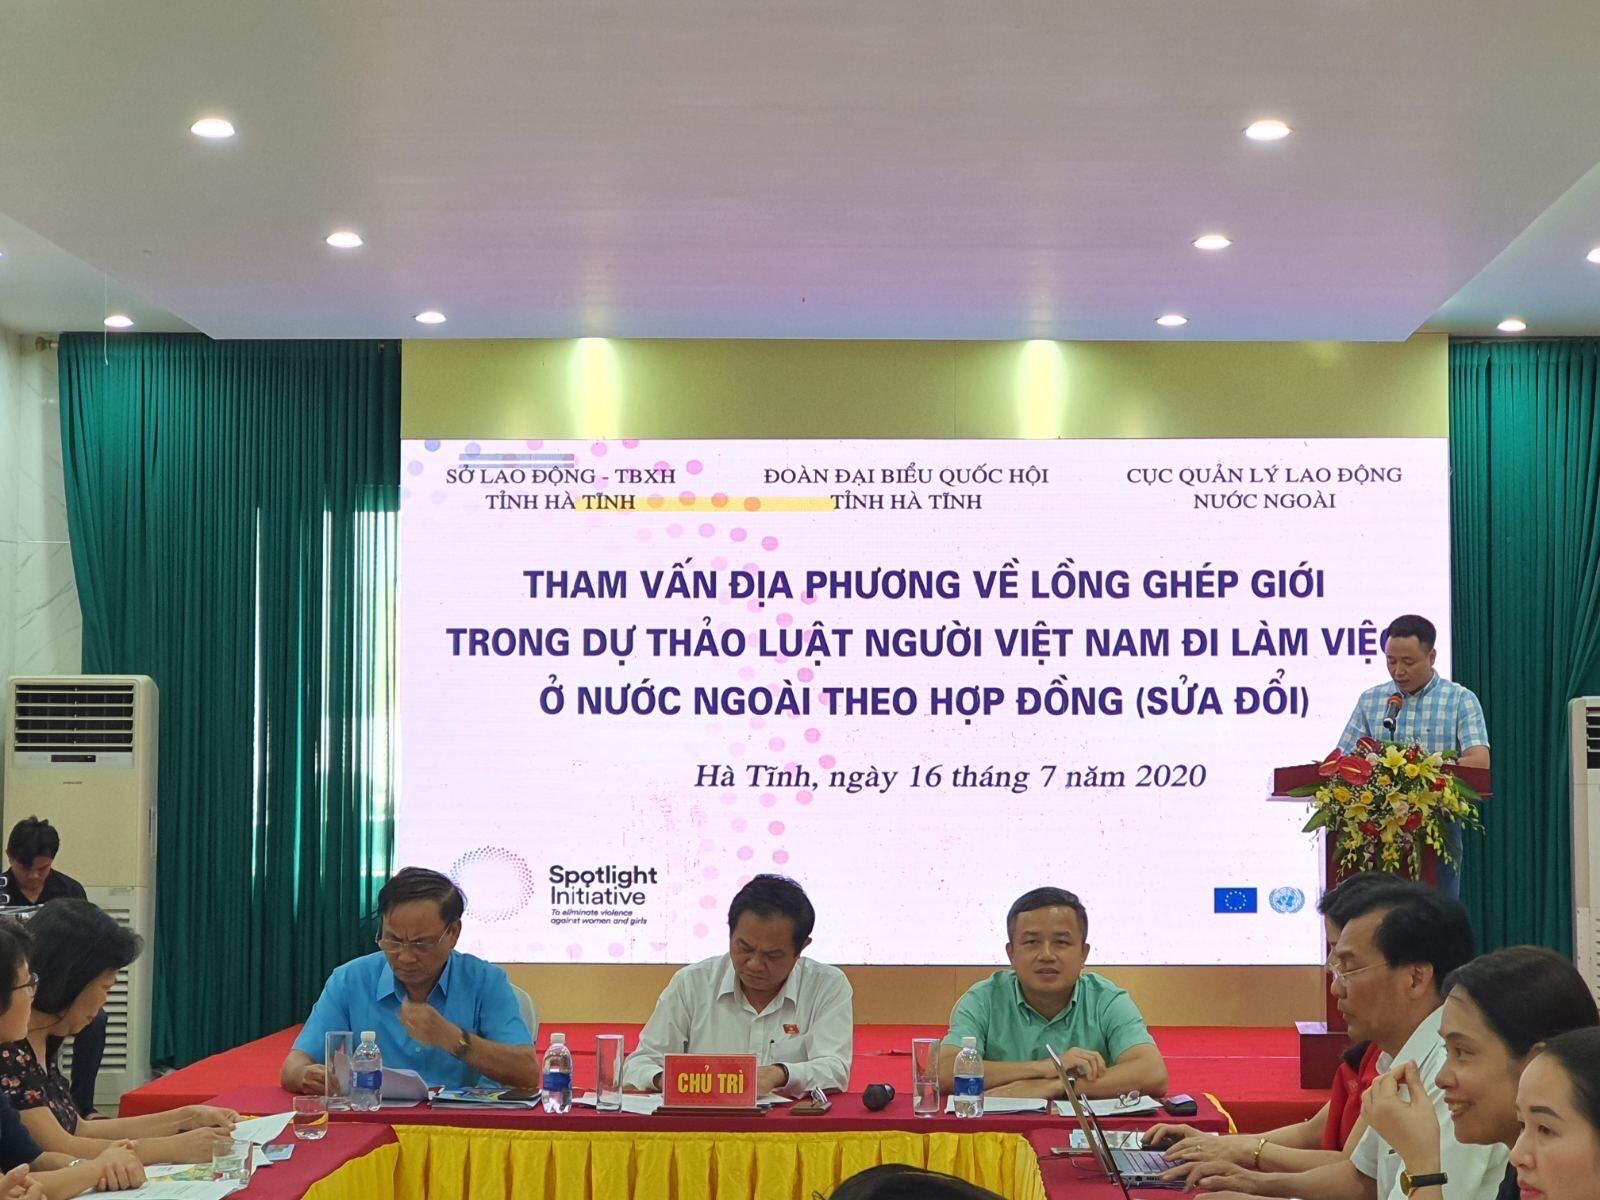 Hội nghị tại Hà Tĩnh: Tham vấn địa phương về lồng ghép giới trong dự thảo Luật Người lao động đi làm việc ở nước ngoài theo hợp đồng (sửa đổi)